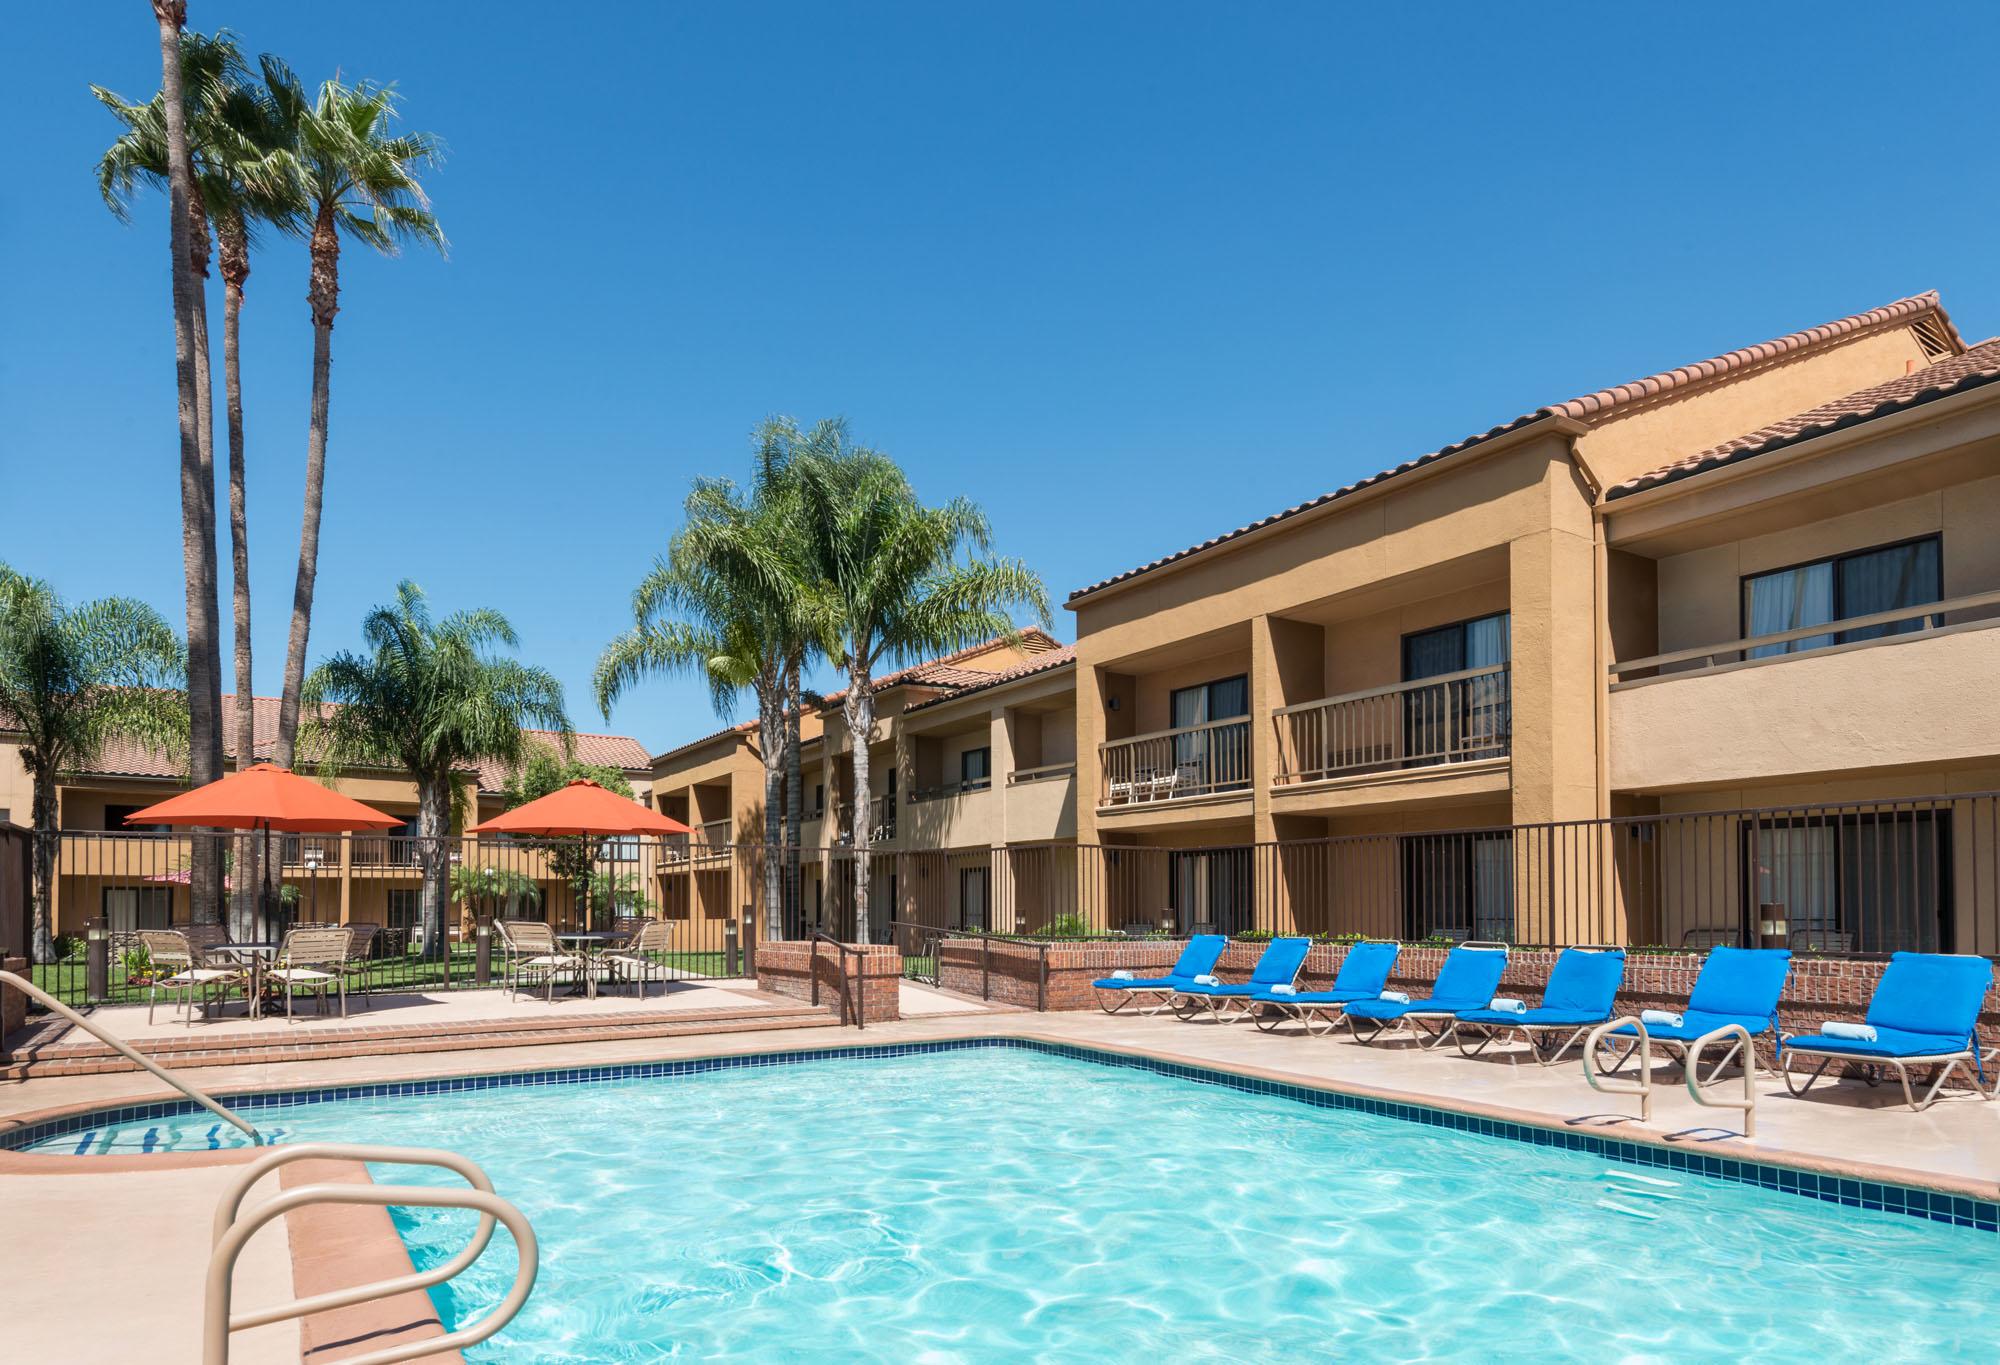 Buena Park Hotel And Suites Buena Park Ca